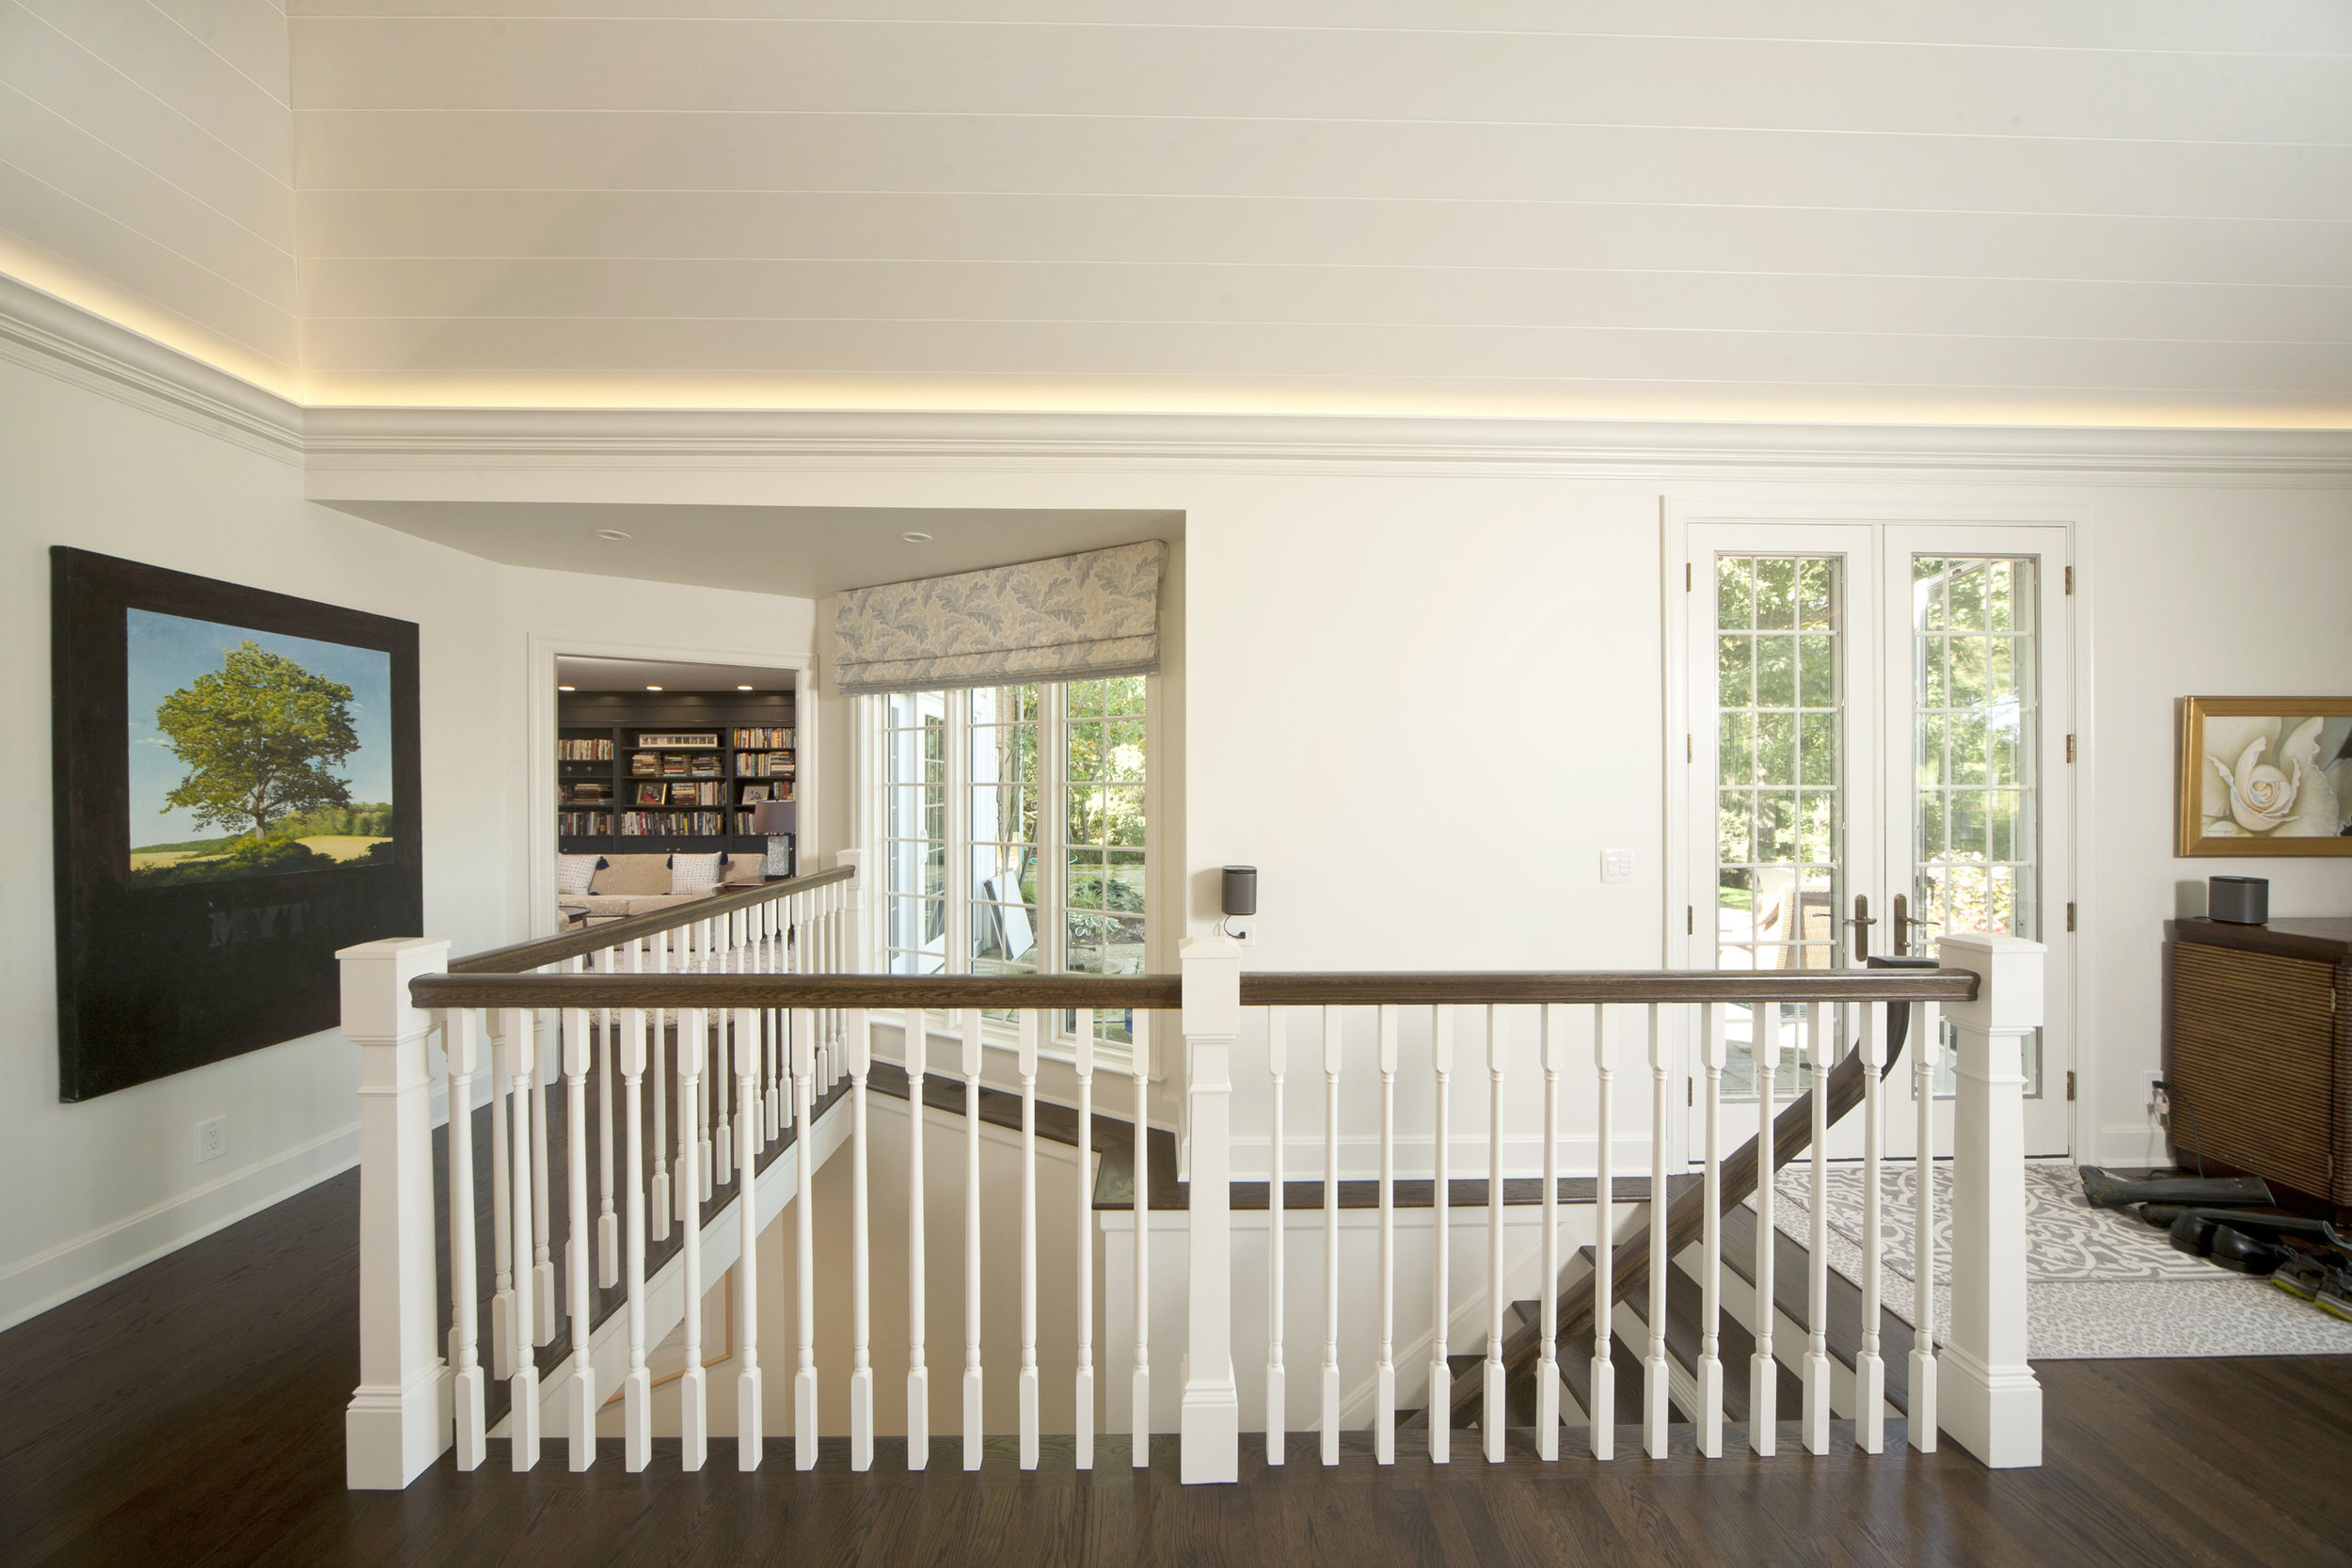 Stairs-46.JPG